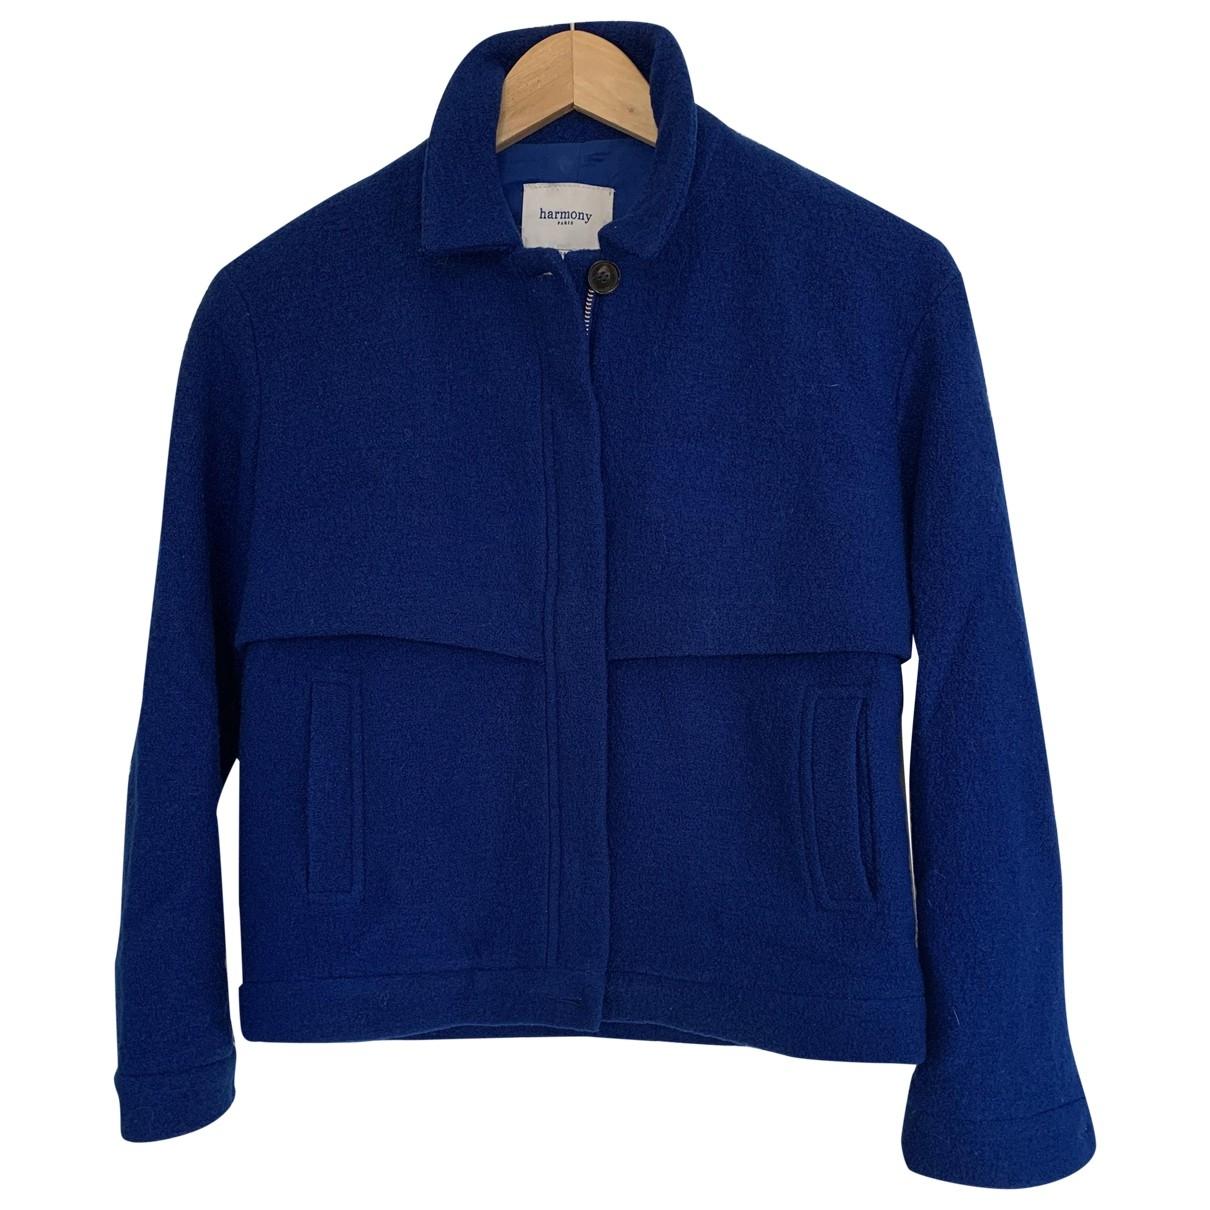 Harmony \N Lederjacke in  Blau Wolle